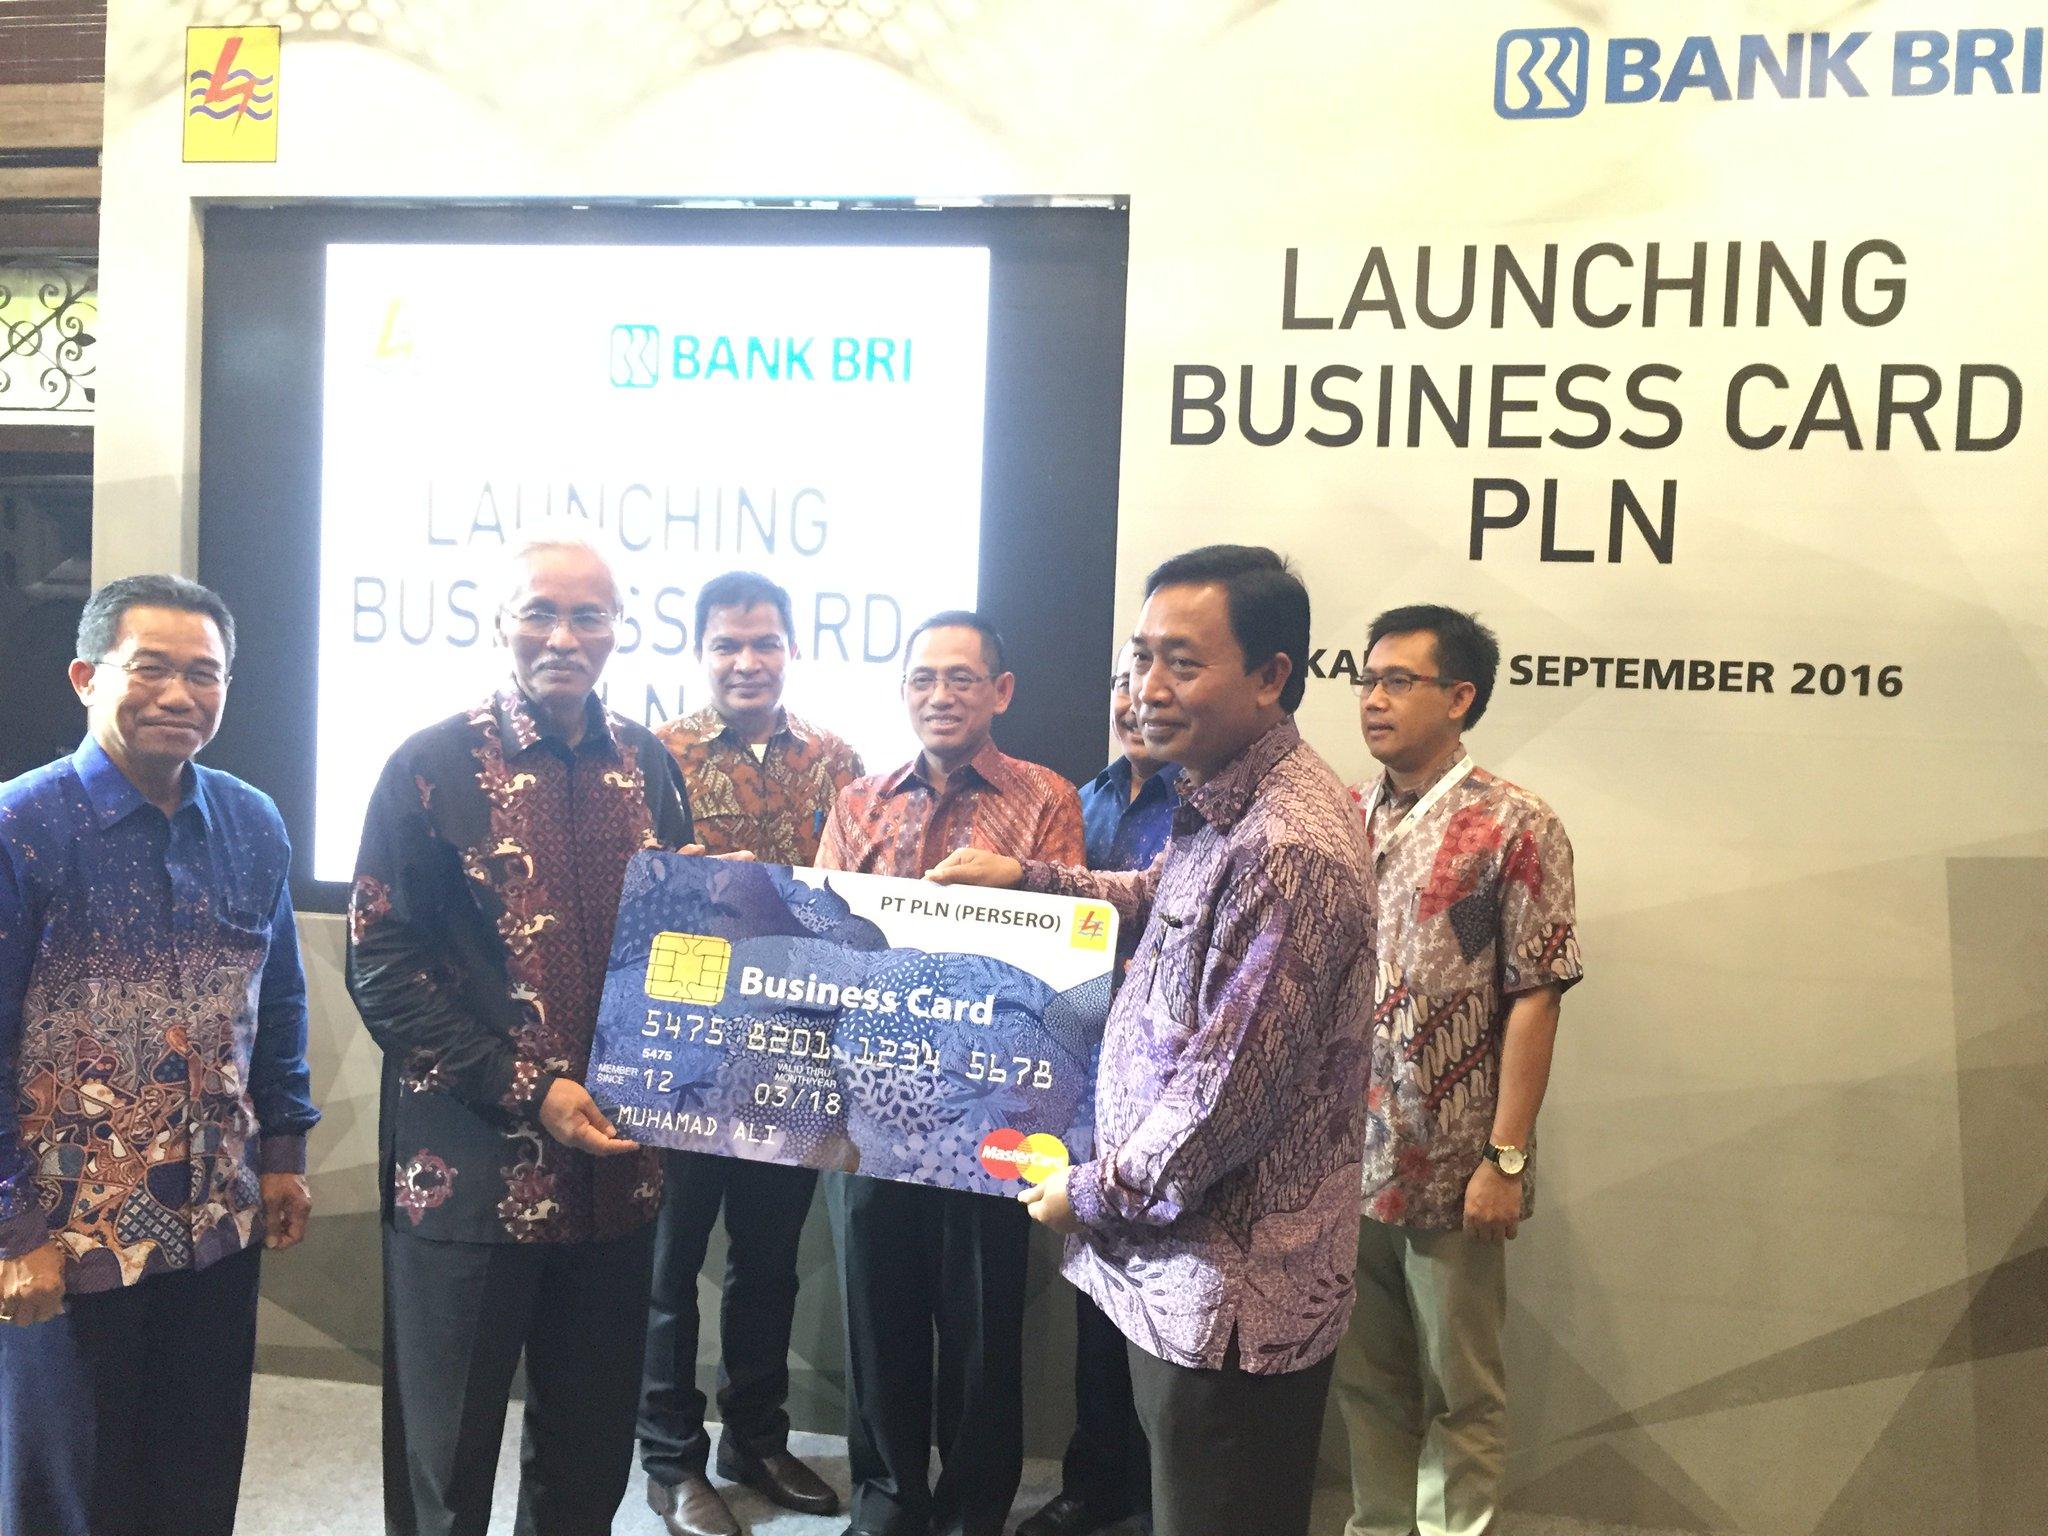 BANK BRI Luncurkan Kartu Bussiness Card PLN,Kerjasama ini merupakan salah satu perwujudan sinergi perusahaan BUMN. https://t.co/58g9esYLmc